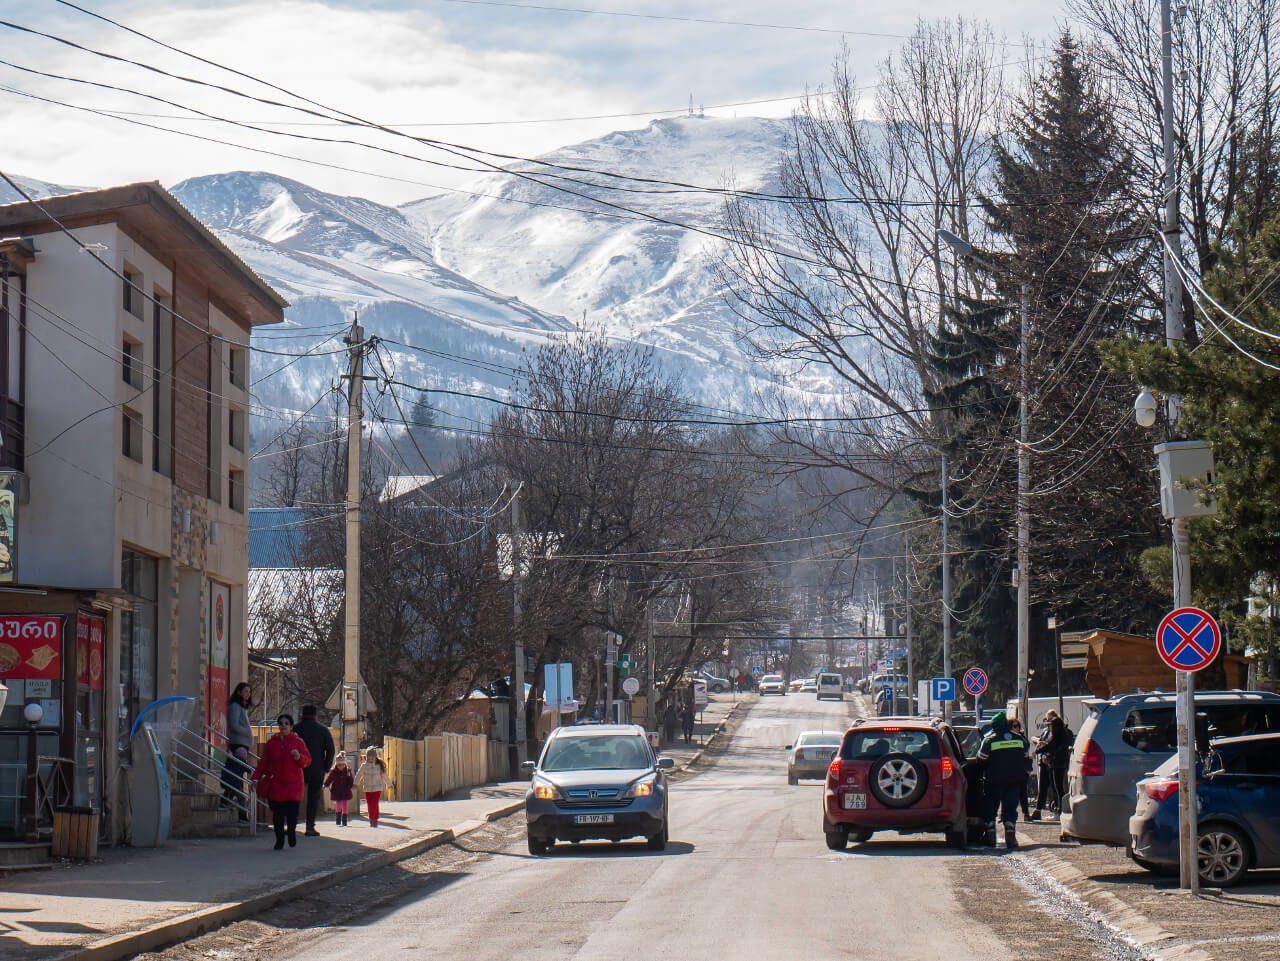 Ulica w Bakuriani z widokiem na góry